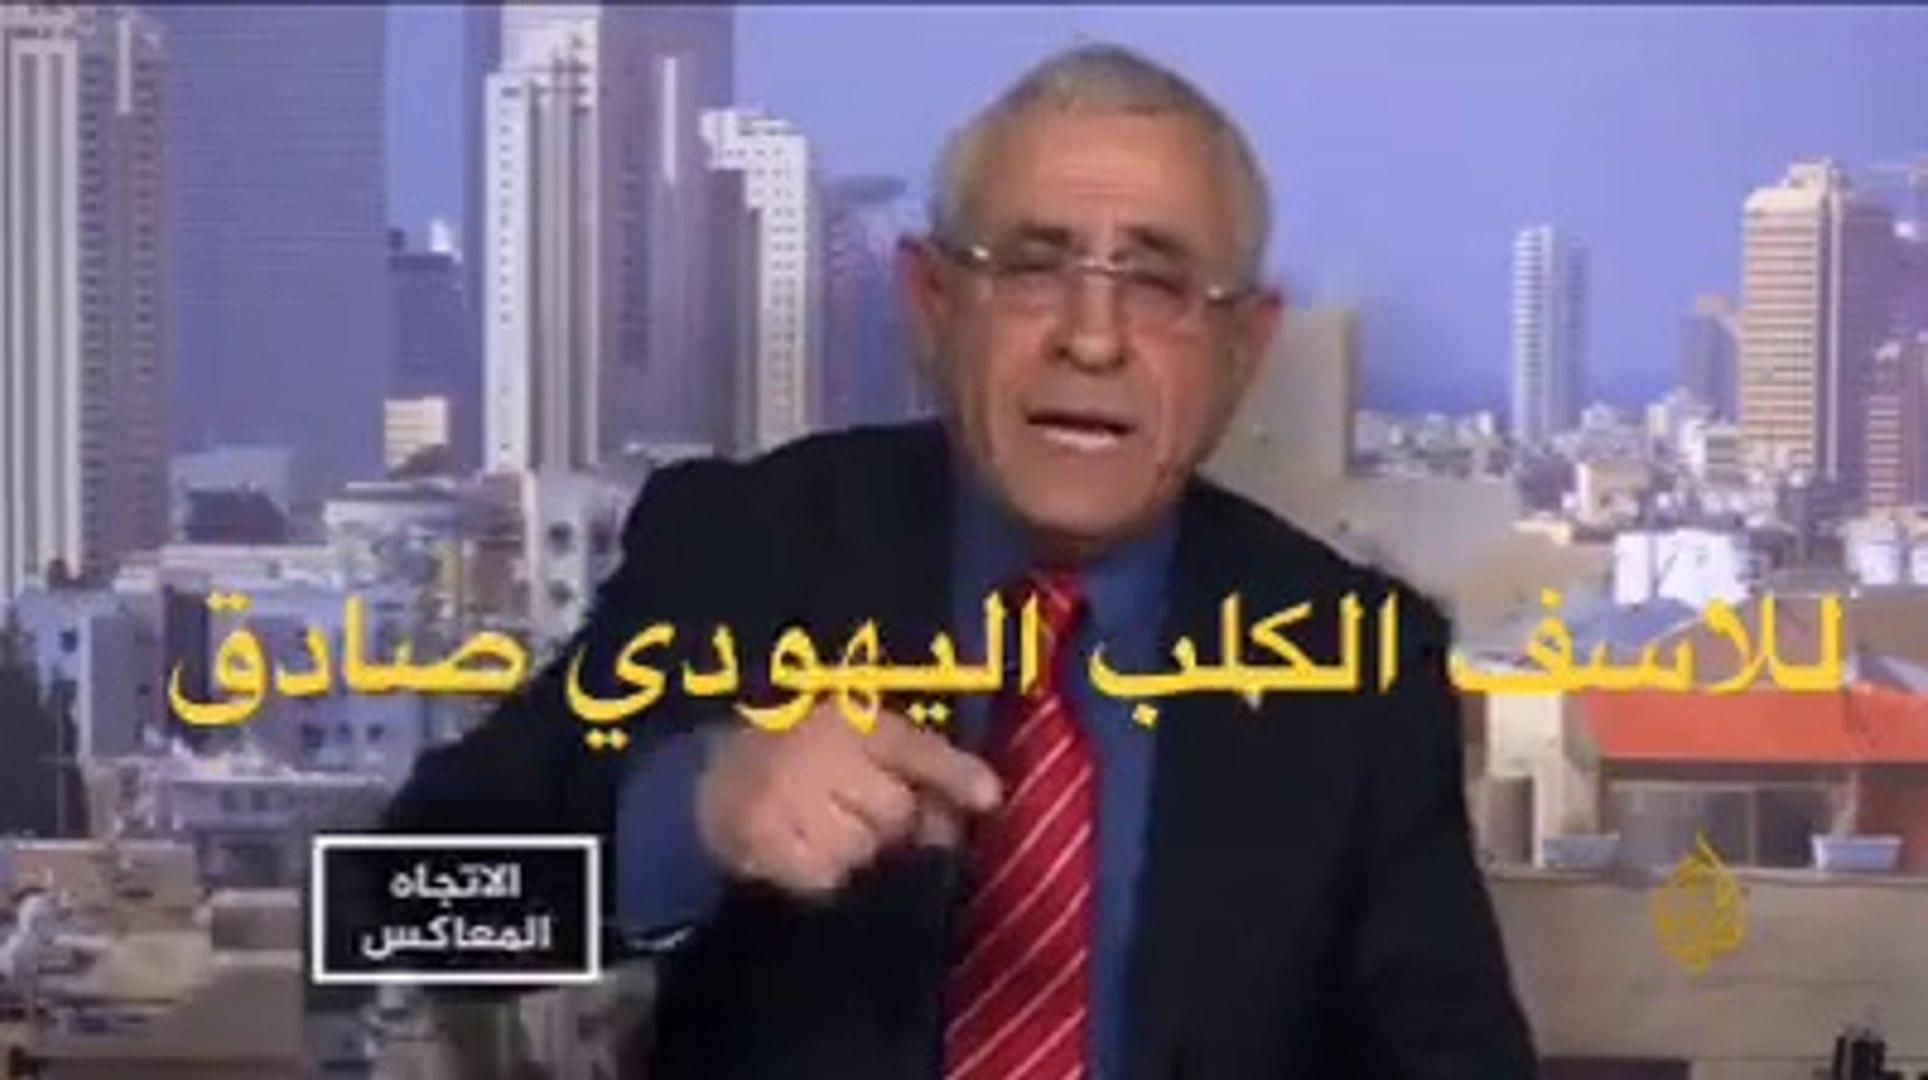 شاهد مادا يقول هدا اليهودي   عن العالم العرابي